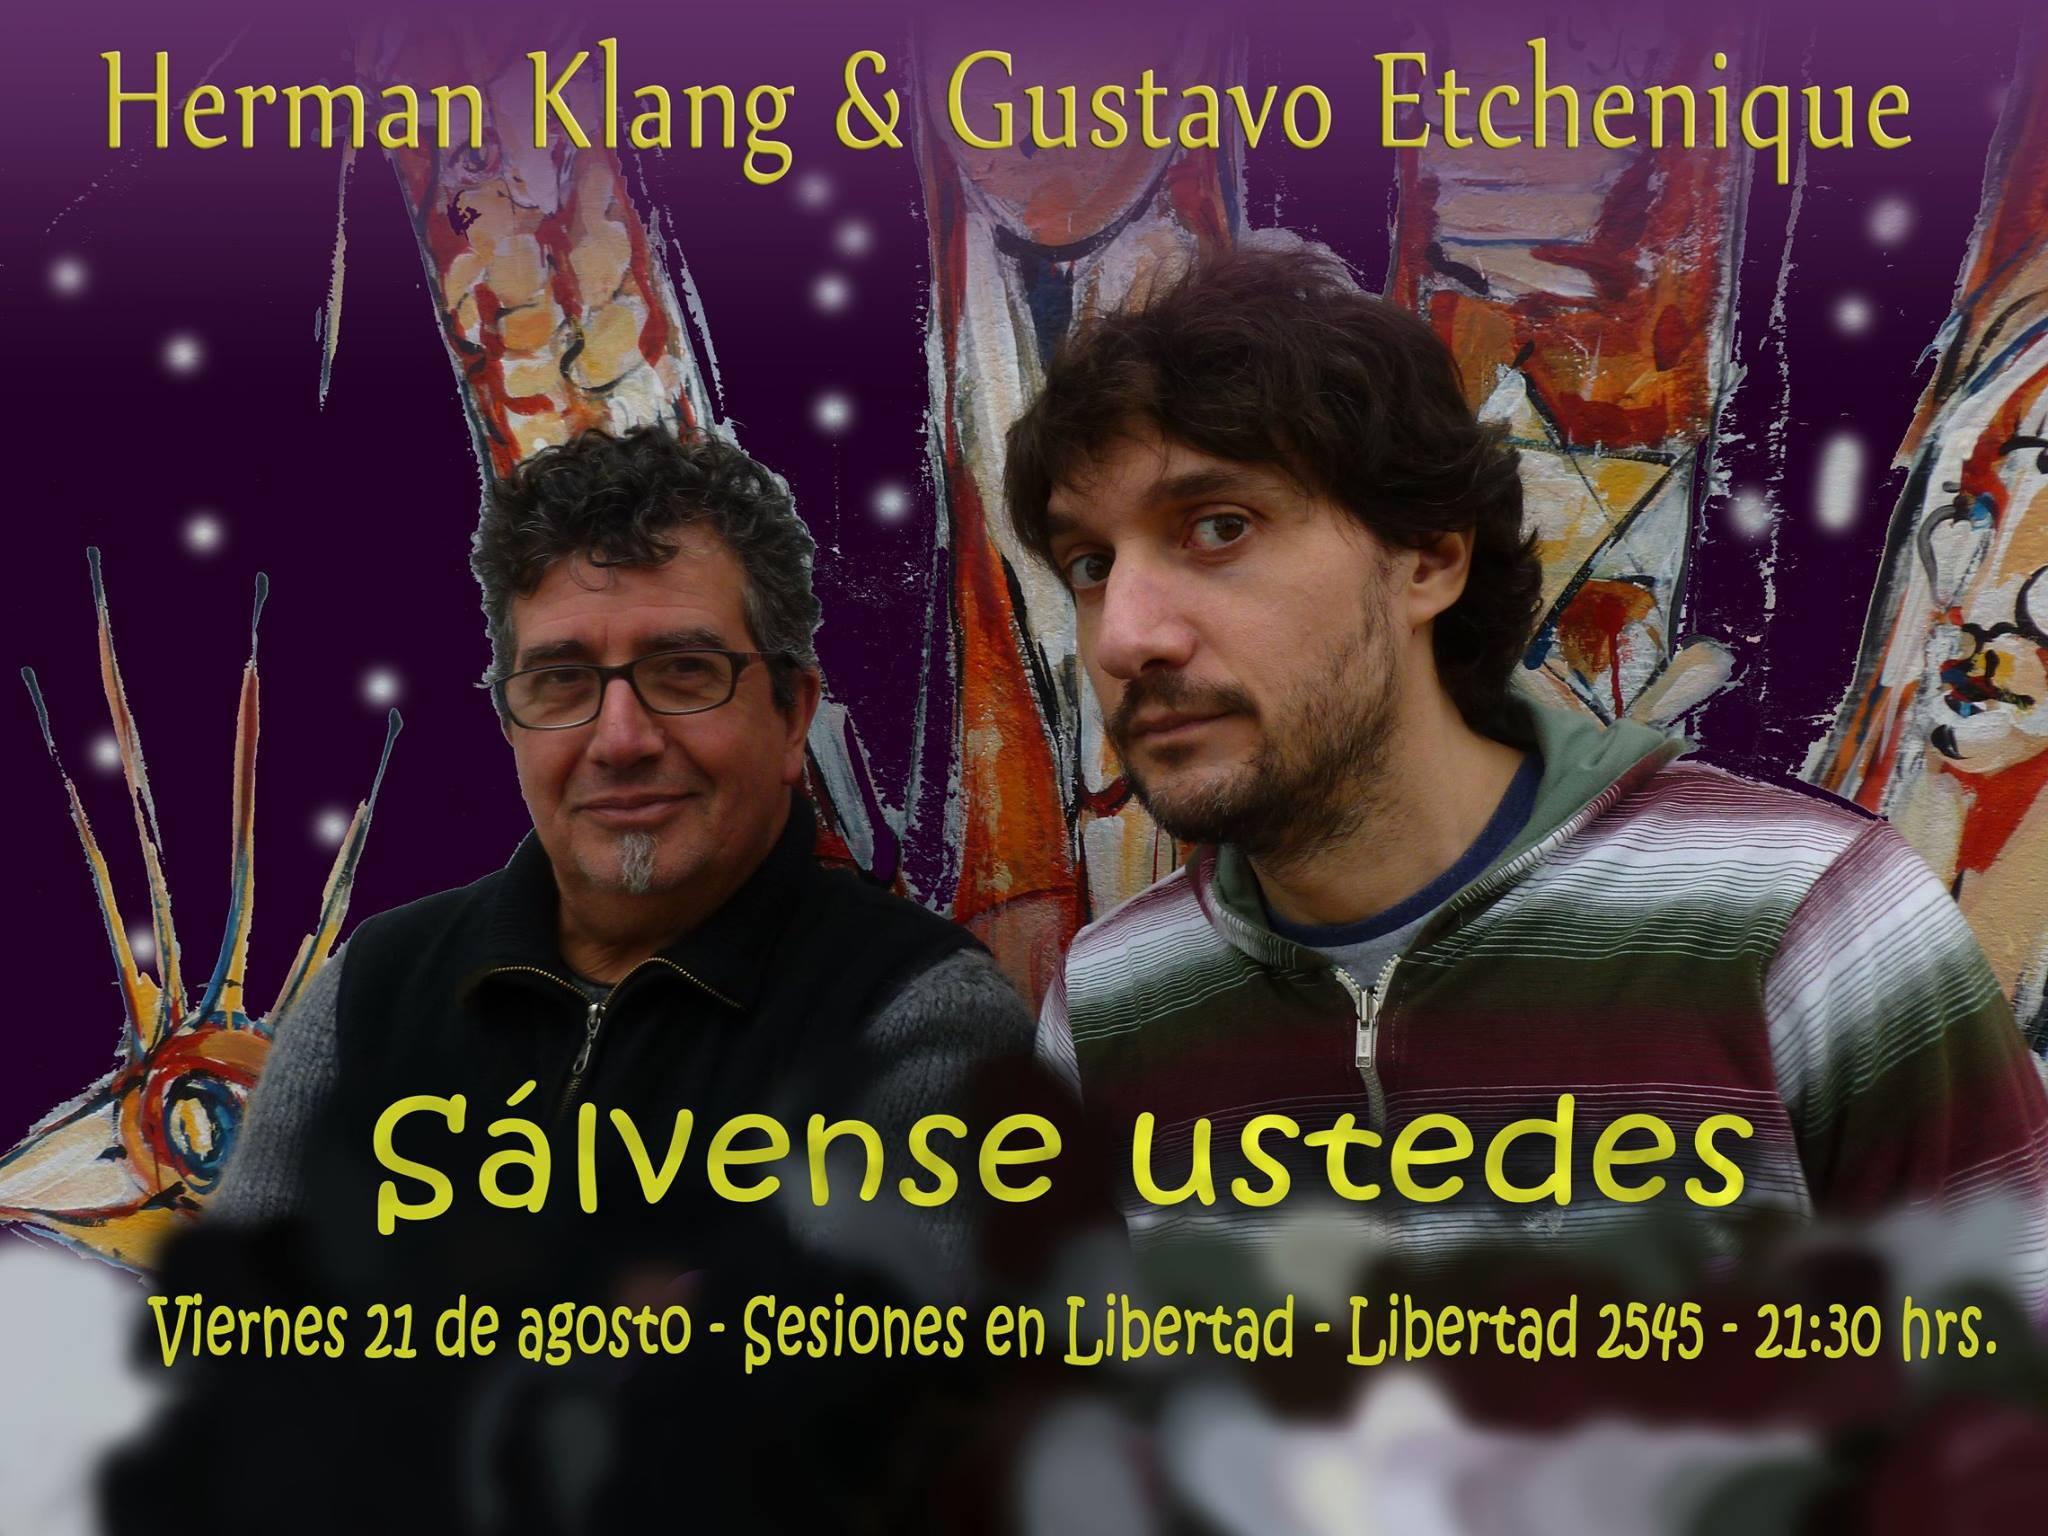 cooltivarte - Herman Klang y Gustavo Etchenique